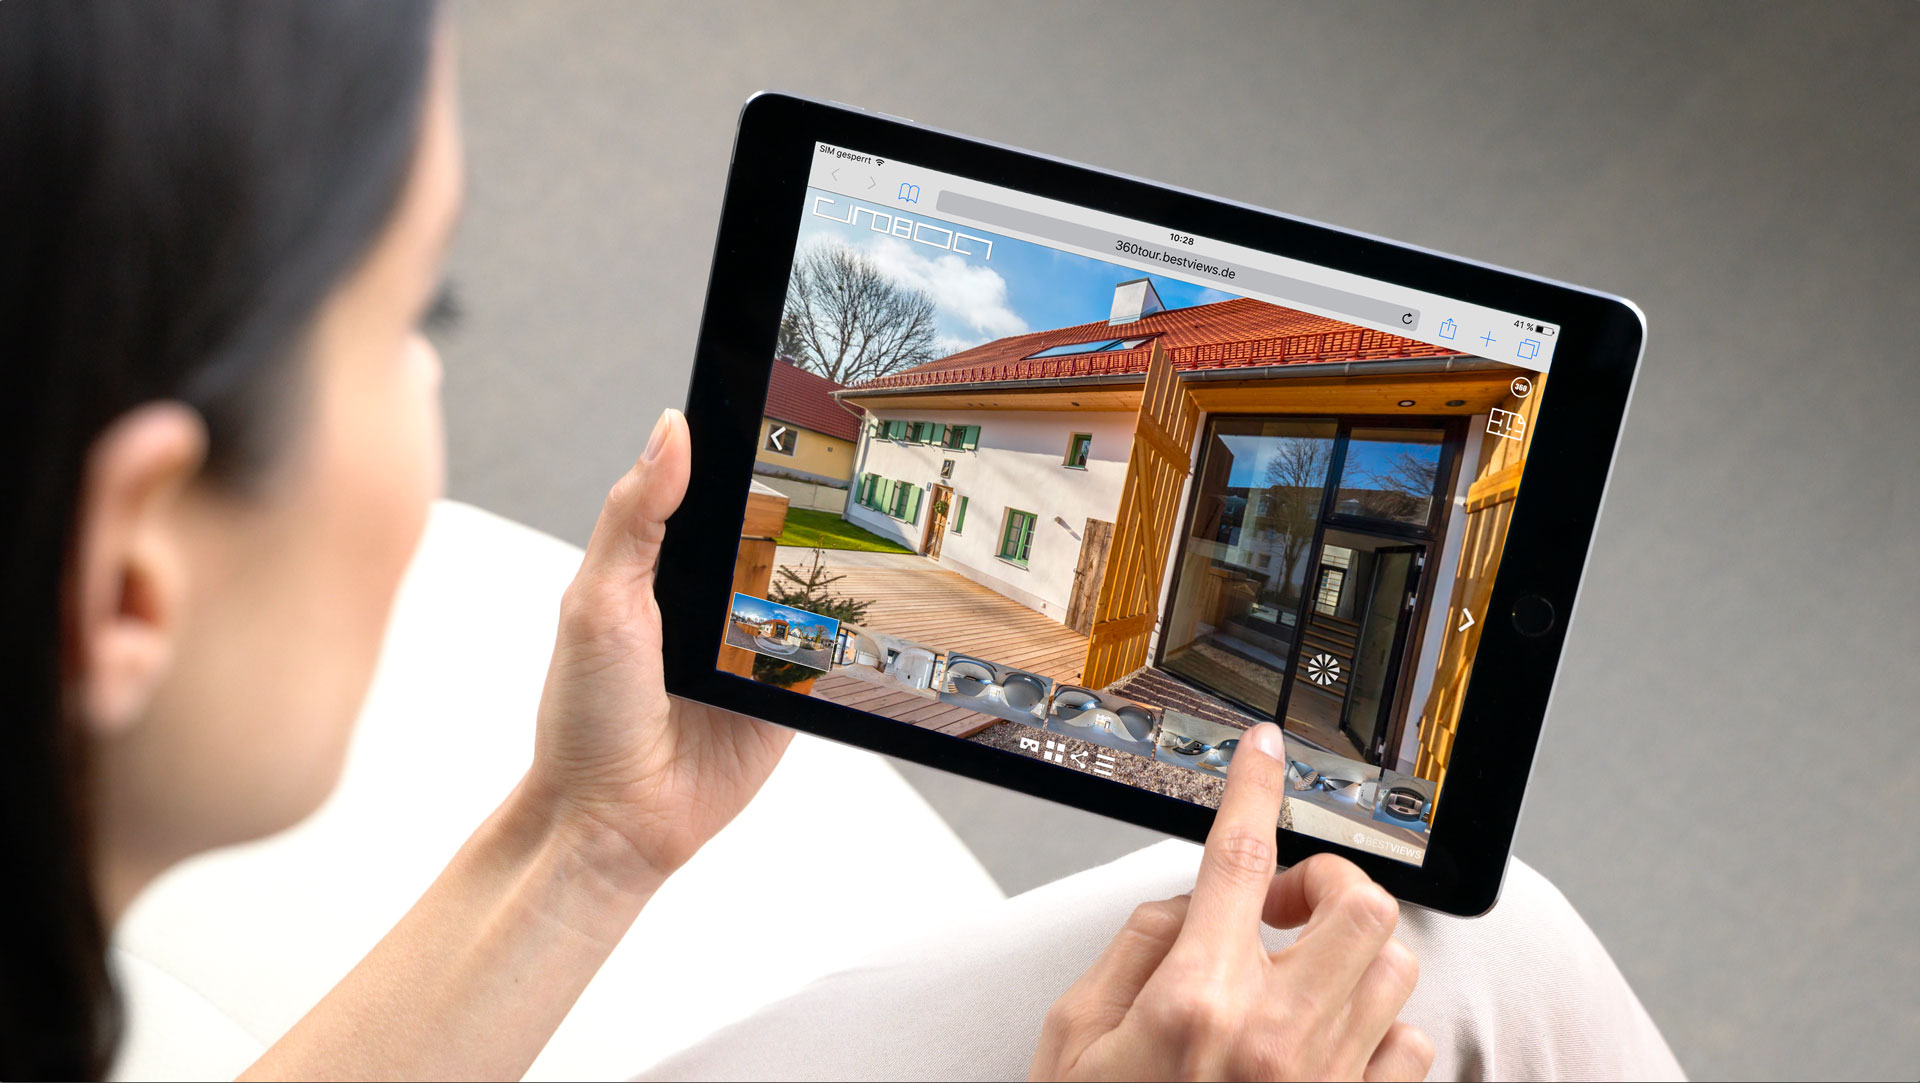 virtueller 360 Grad Fotograf mit dem Tablet live erleben